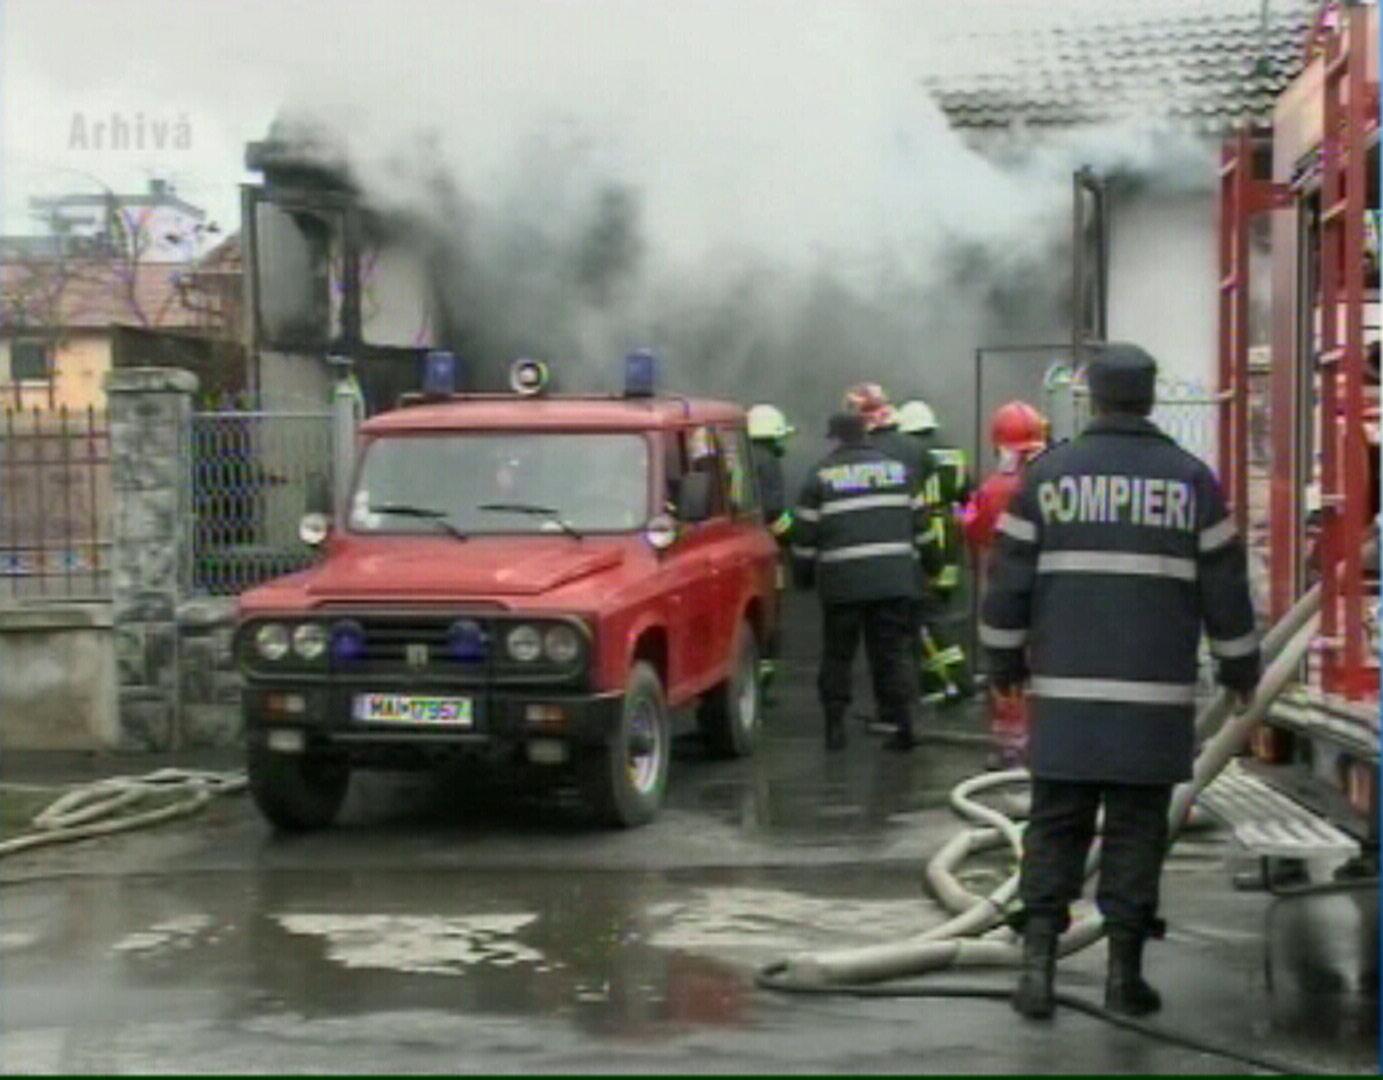 Doua explozii au distrus un service auto in Otelu Rosu. Un tanar a murit